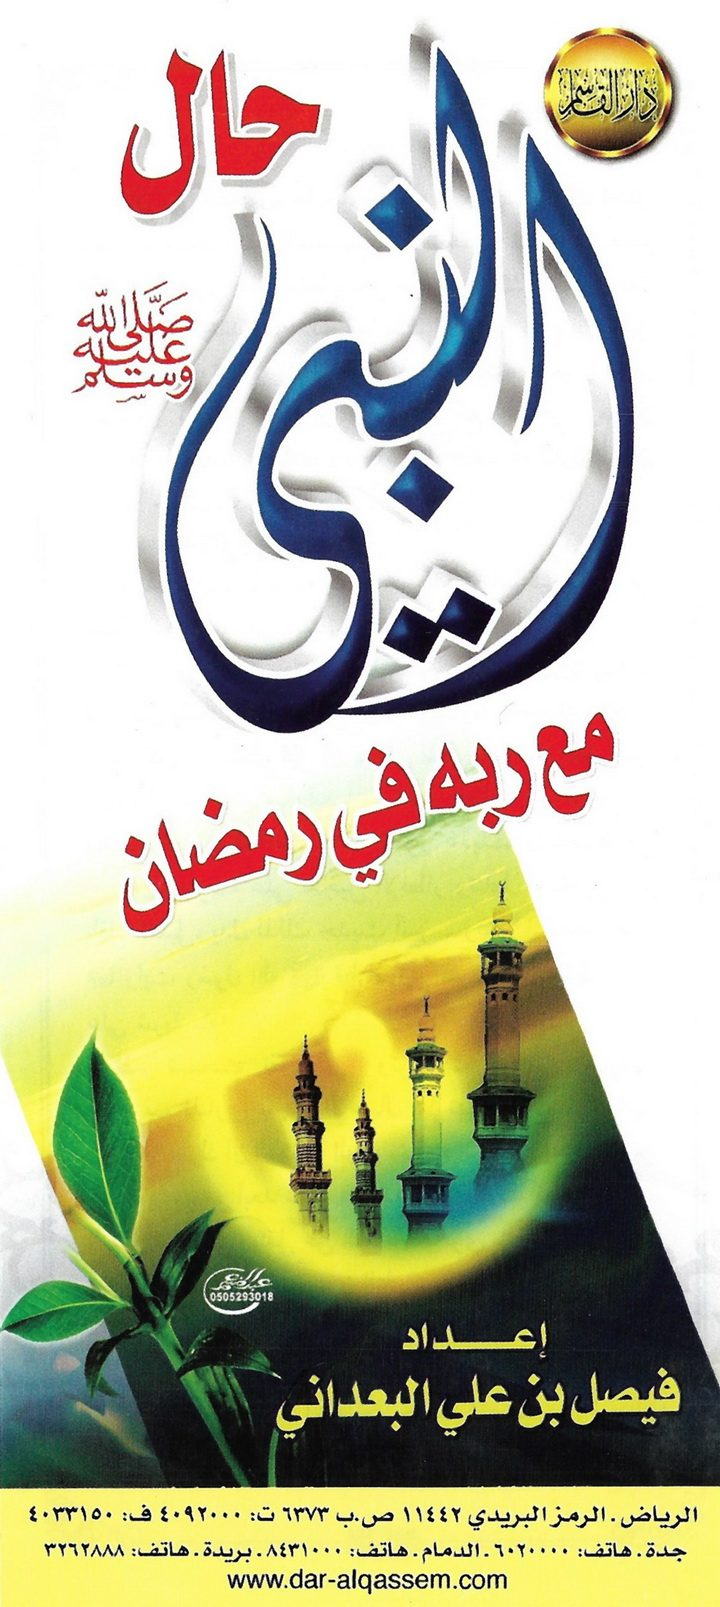 حال النبيّ مع ربّه في رمضان (فيصل بن علي البعداني – دار القاسم)